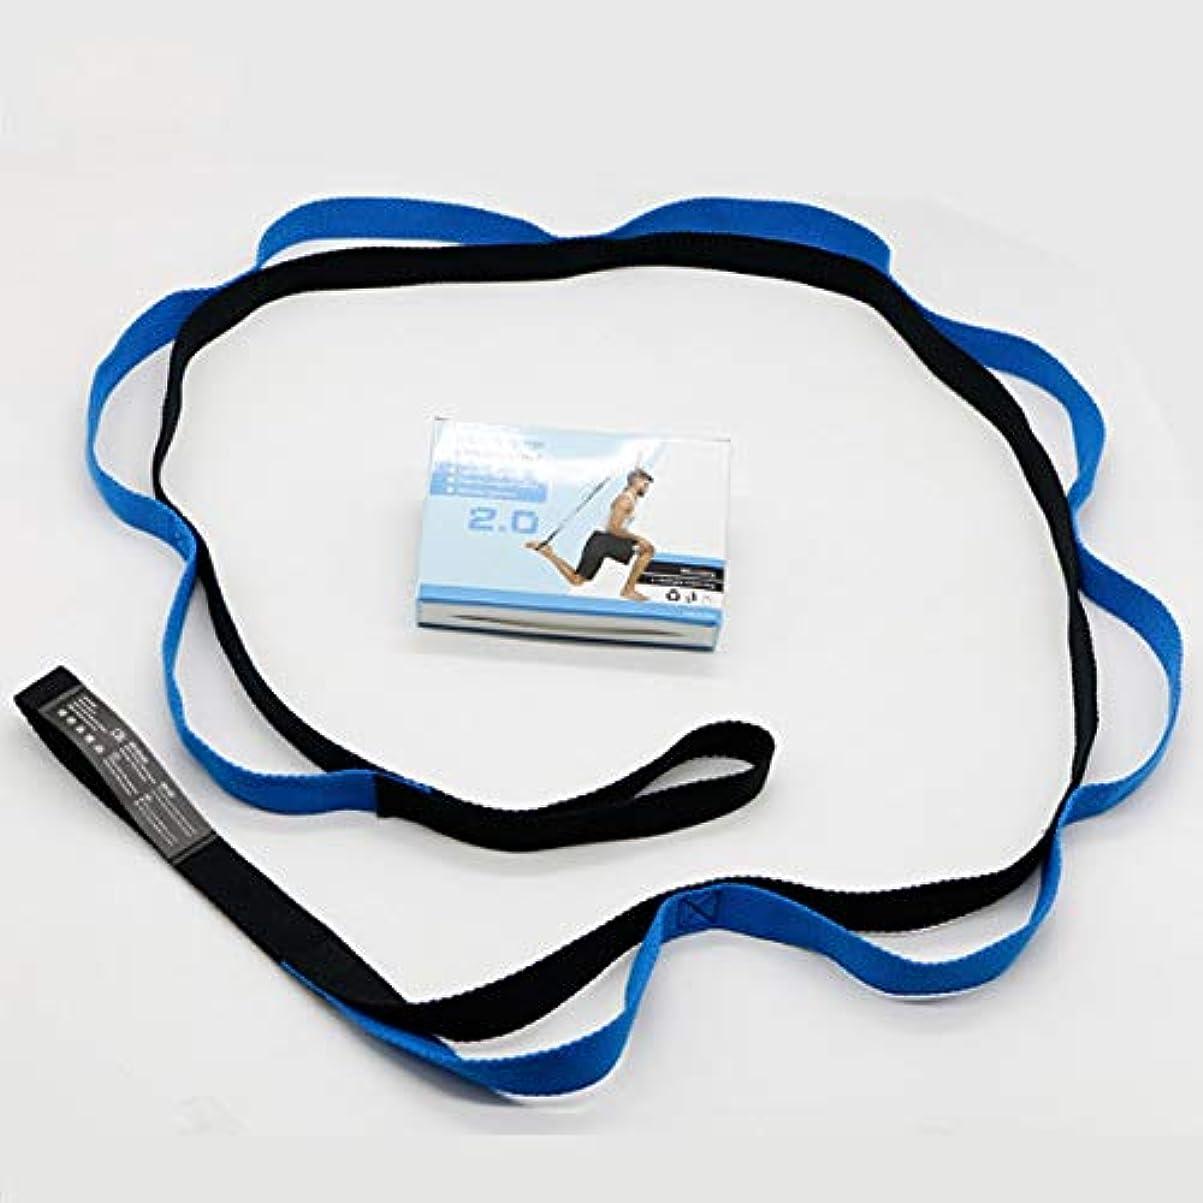 鼓舞するバスタブまたねフィットネスエクササイズジムヨガストレッチアウトストラップ弾性ベルトウエストレッグアームエクステンションストラップベルトスポーツユニセックストレーニングベルトバンド - ブルー&ブラック